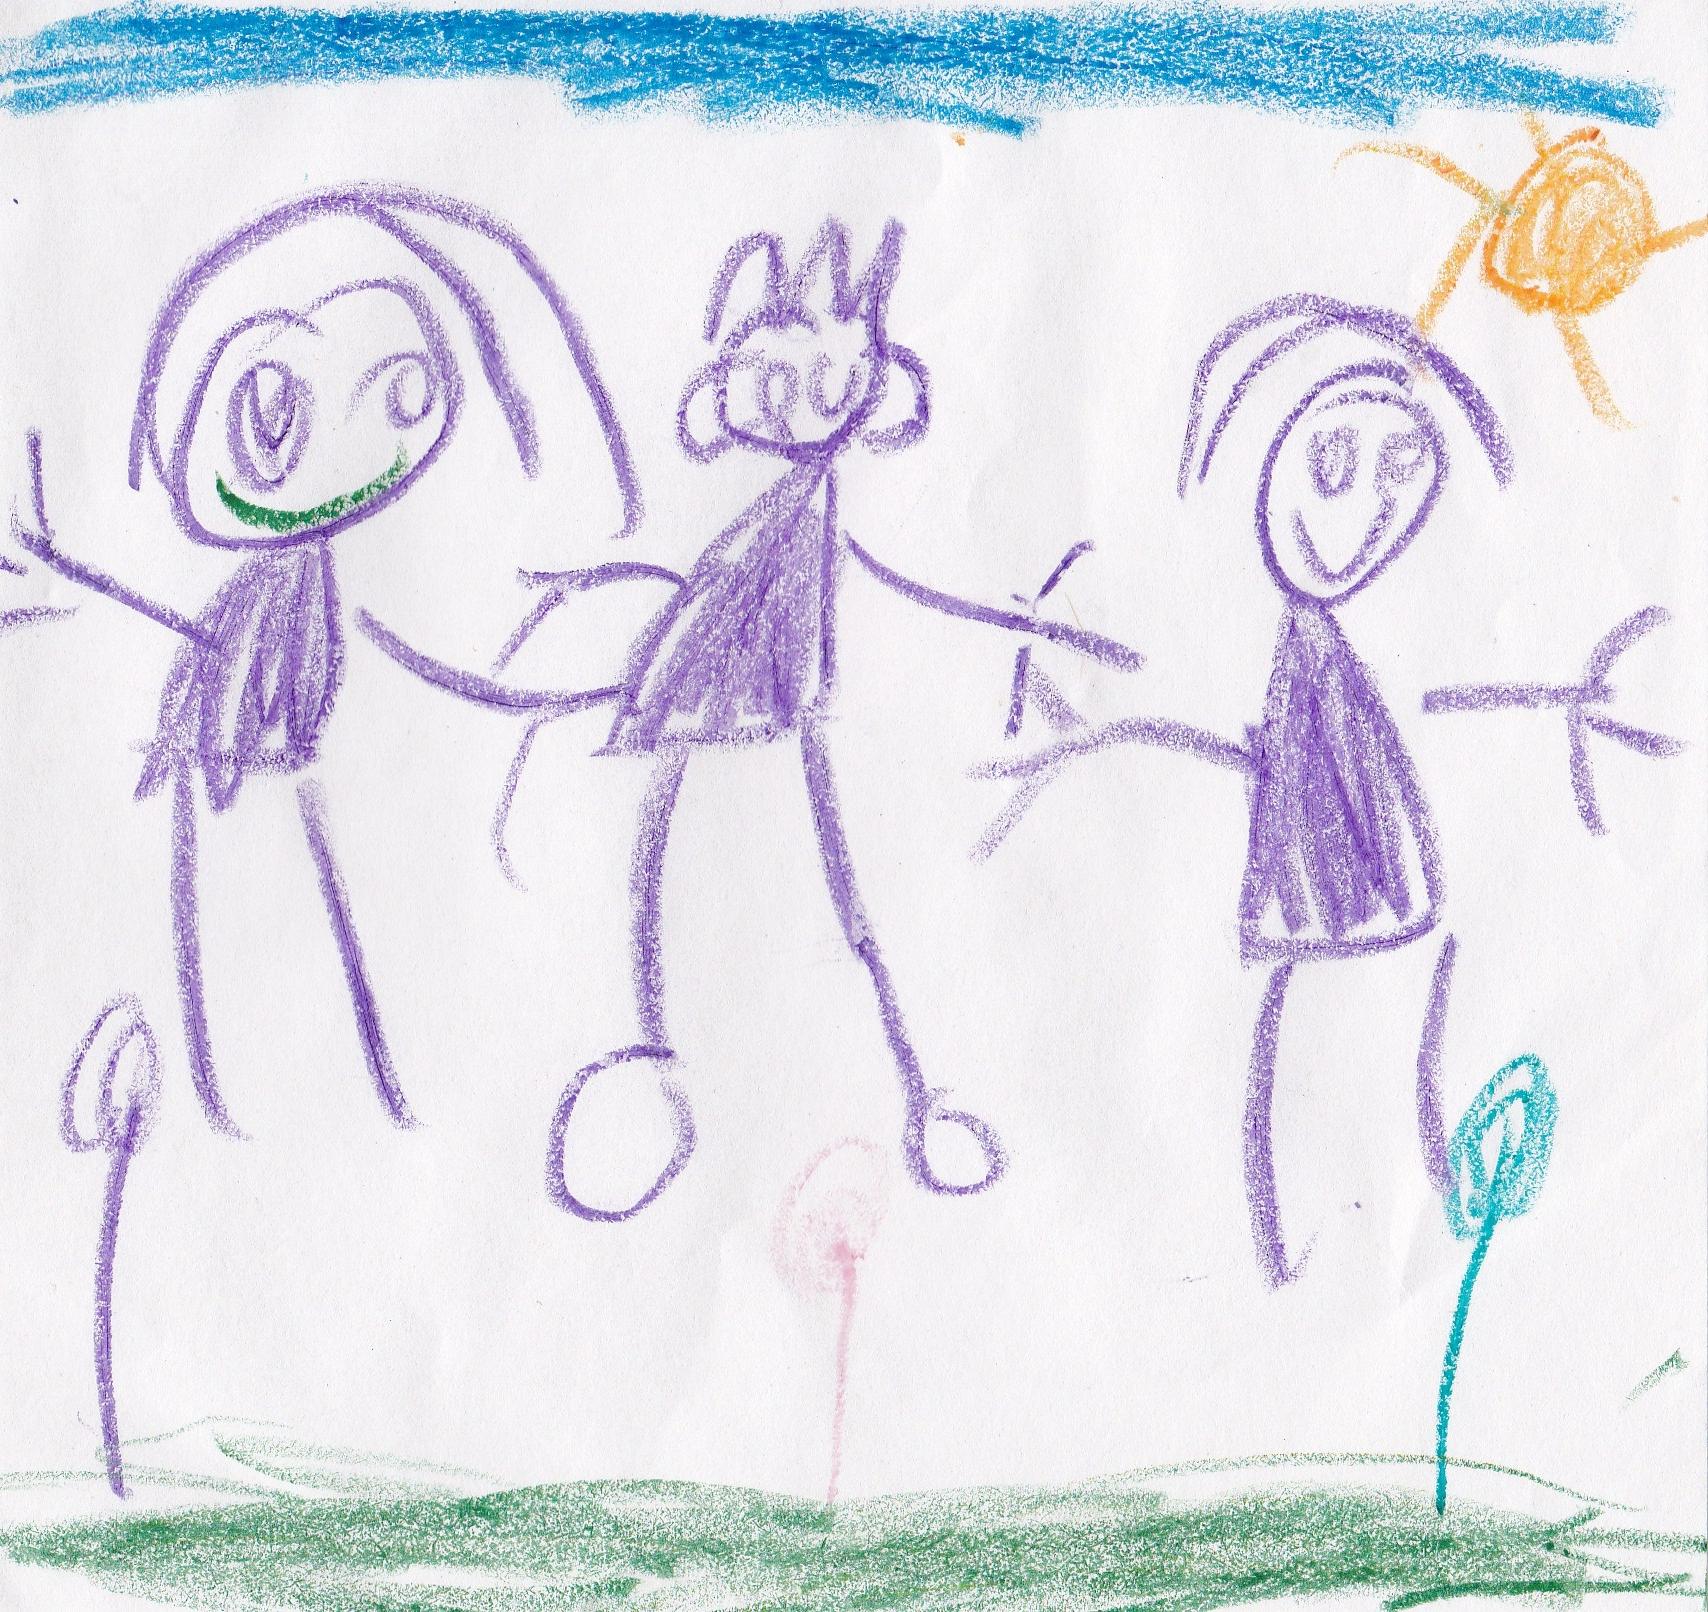 kindergarten drawing - Drawing Pictures For Kindergarten